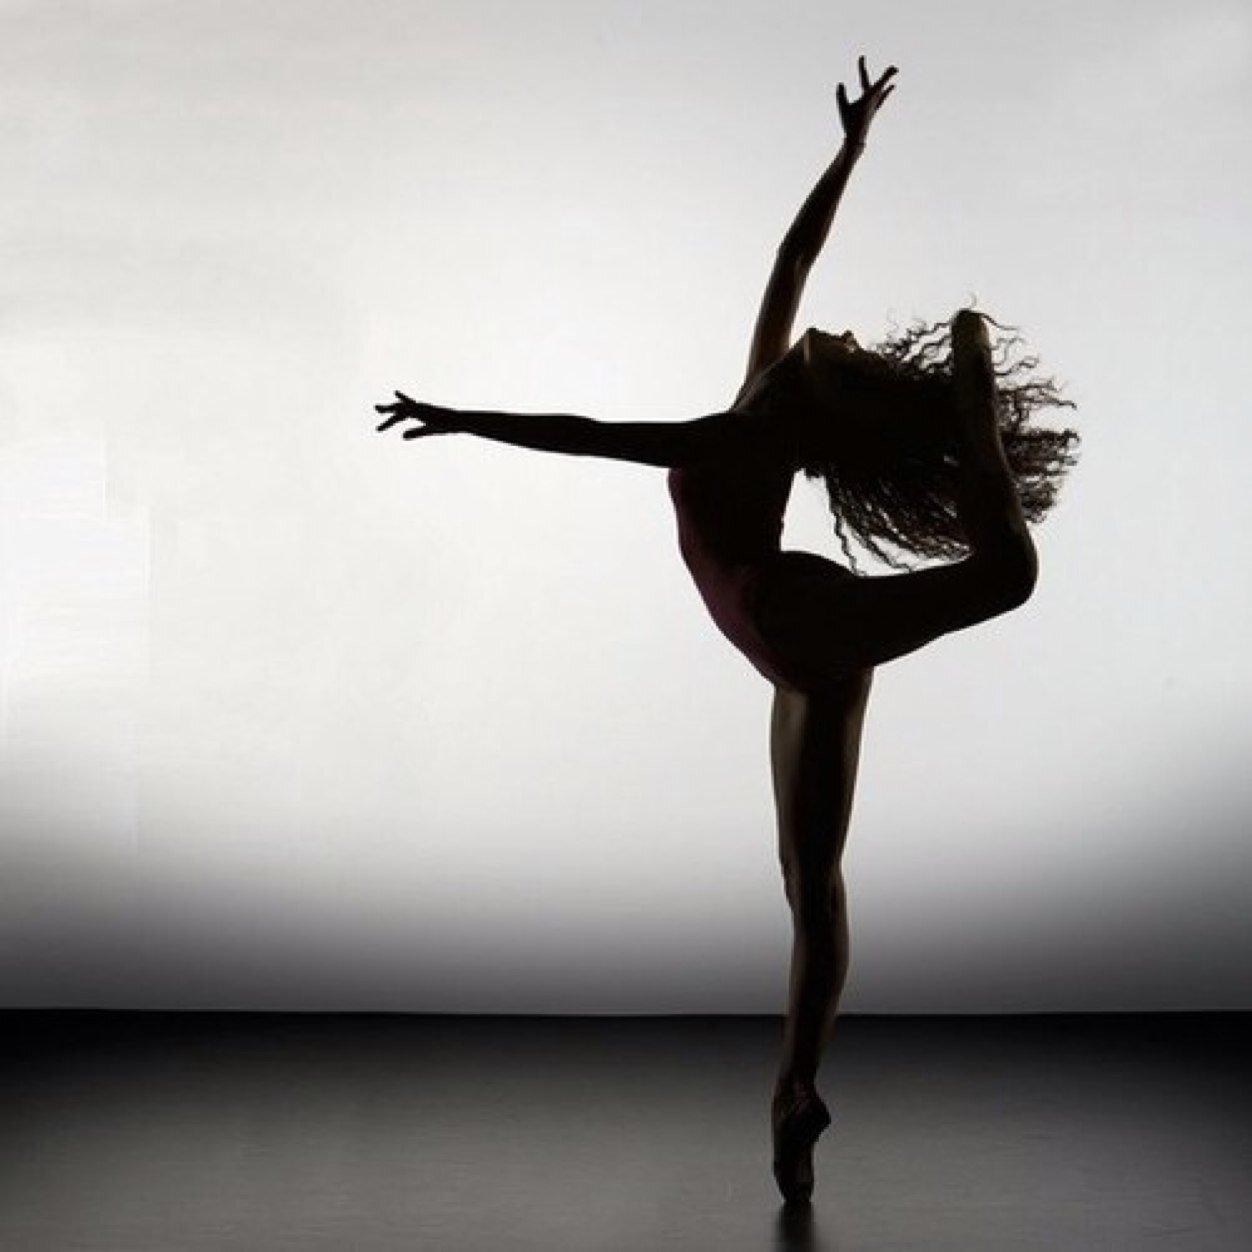 можно уложить фотосессия танцора с растяжками побывал